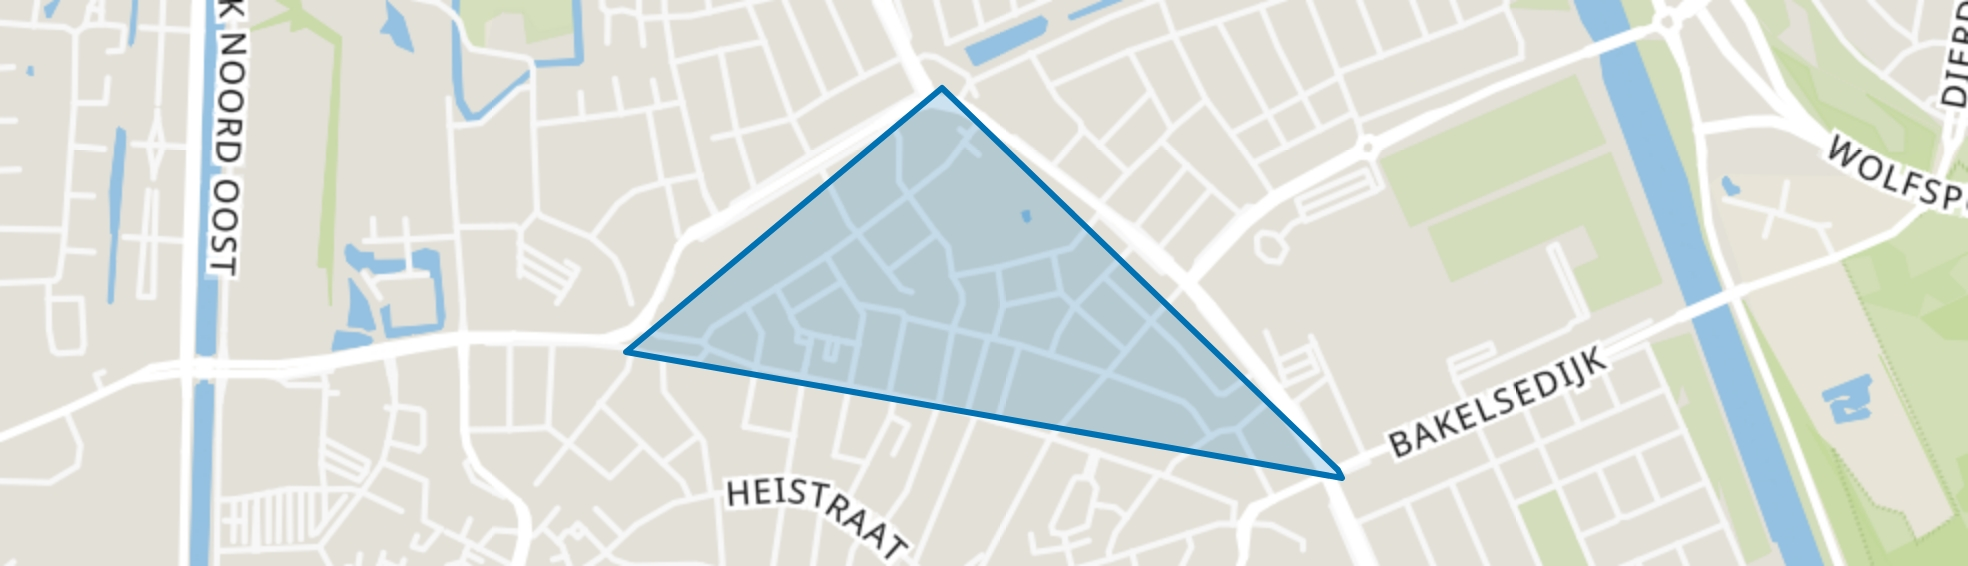 Leonardus, Helmond map